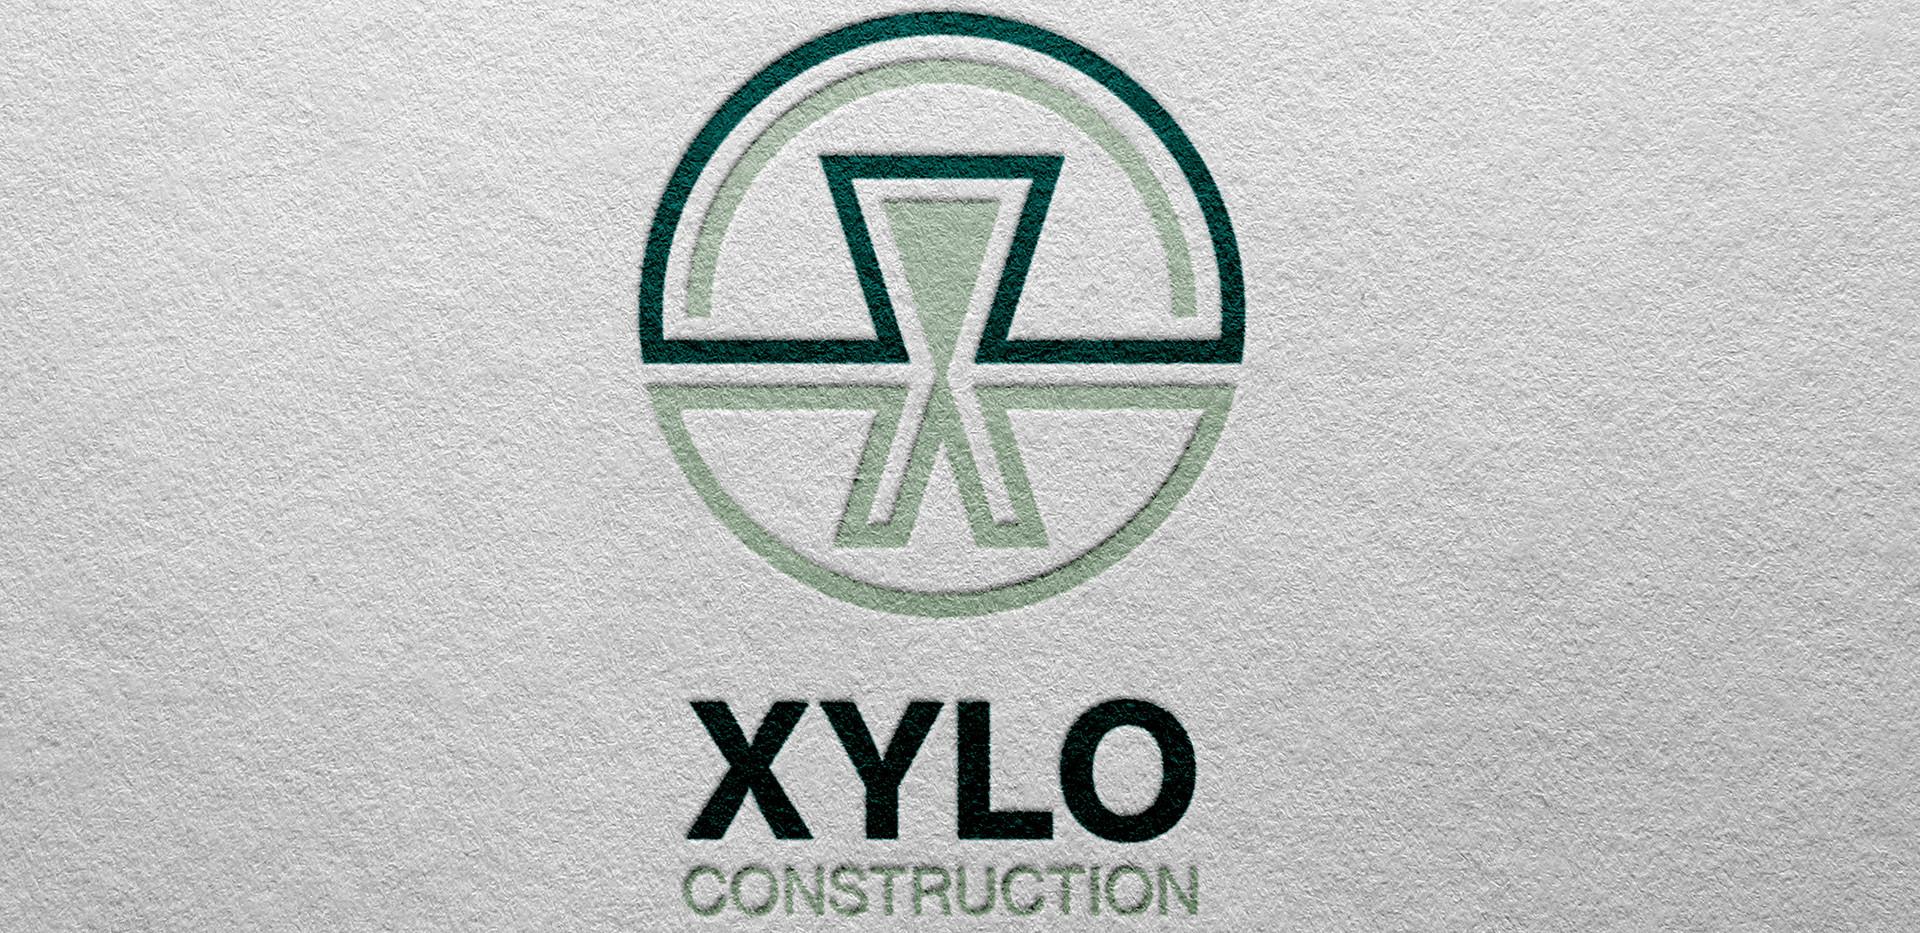 logoxylo - Copie.jpg